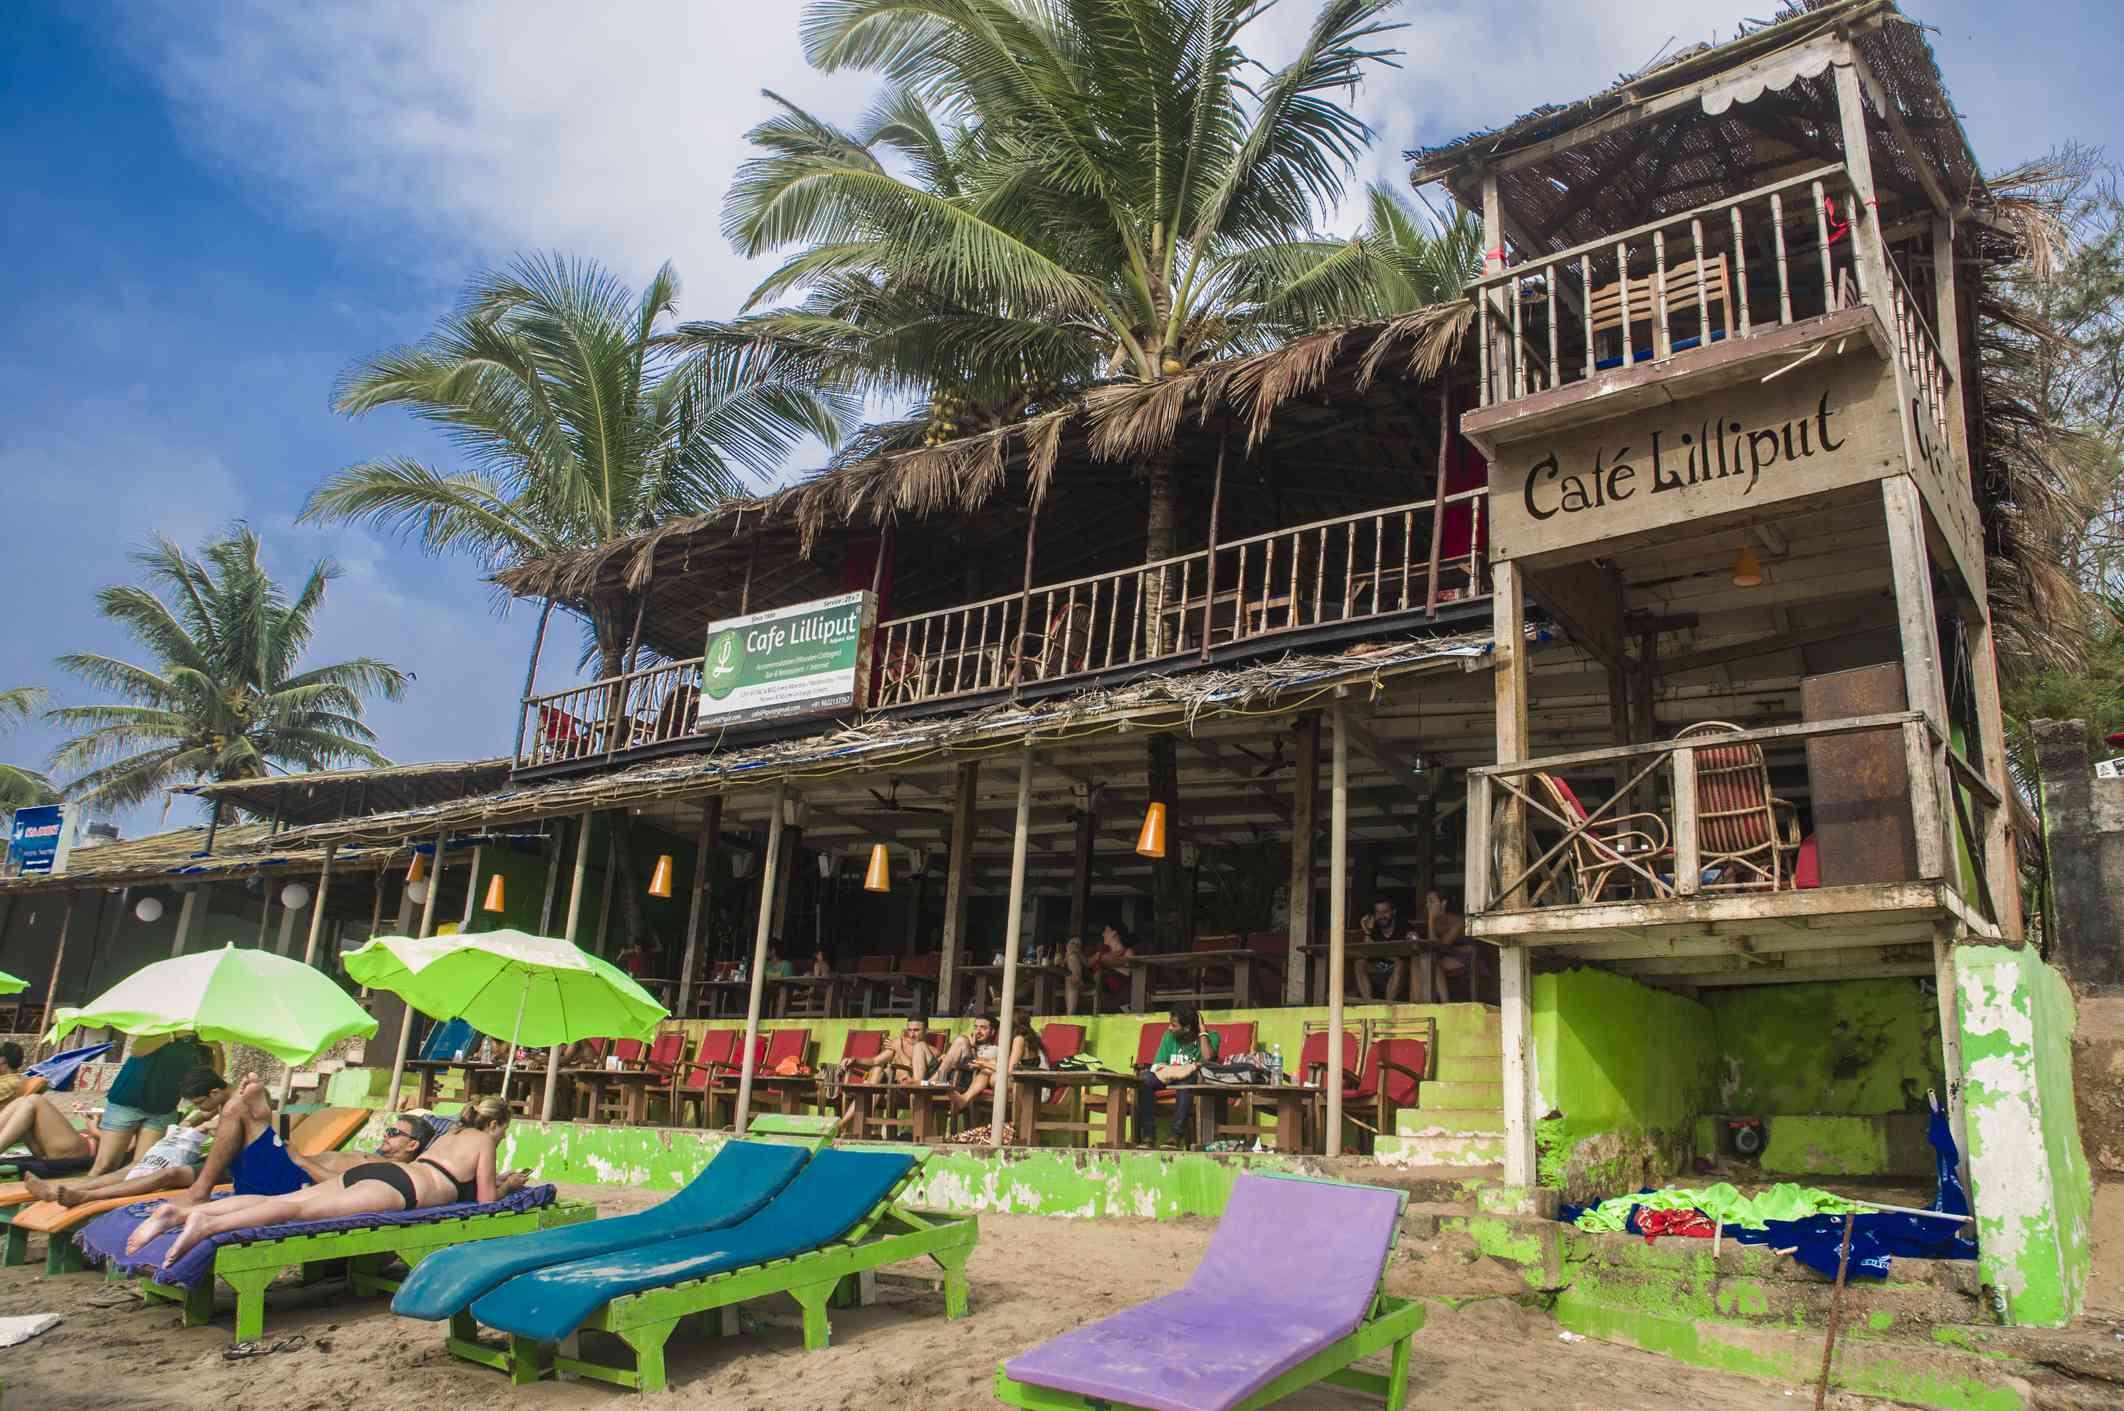 Cafe Lilliput, Goa